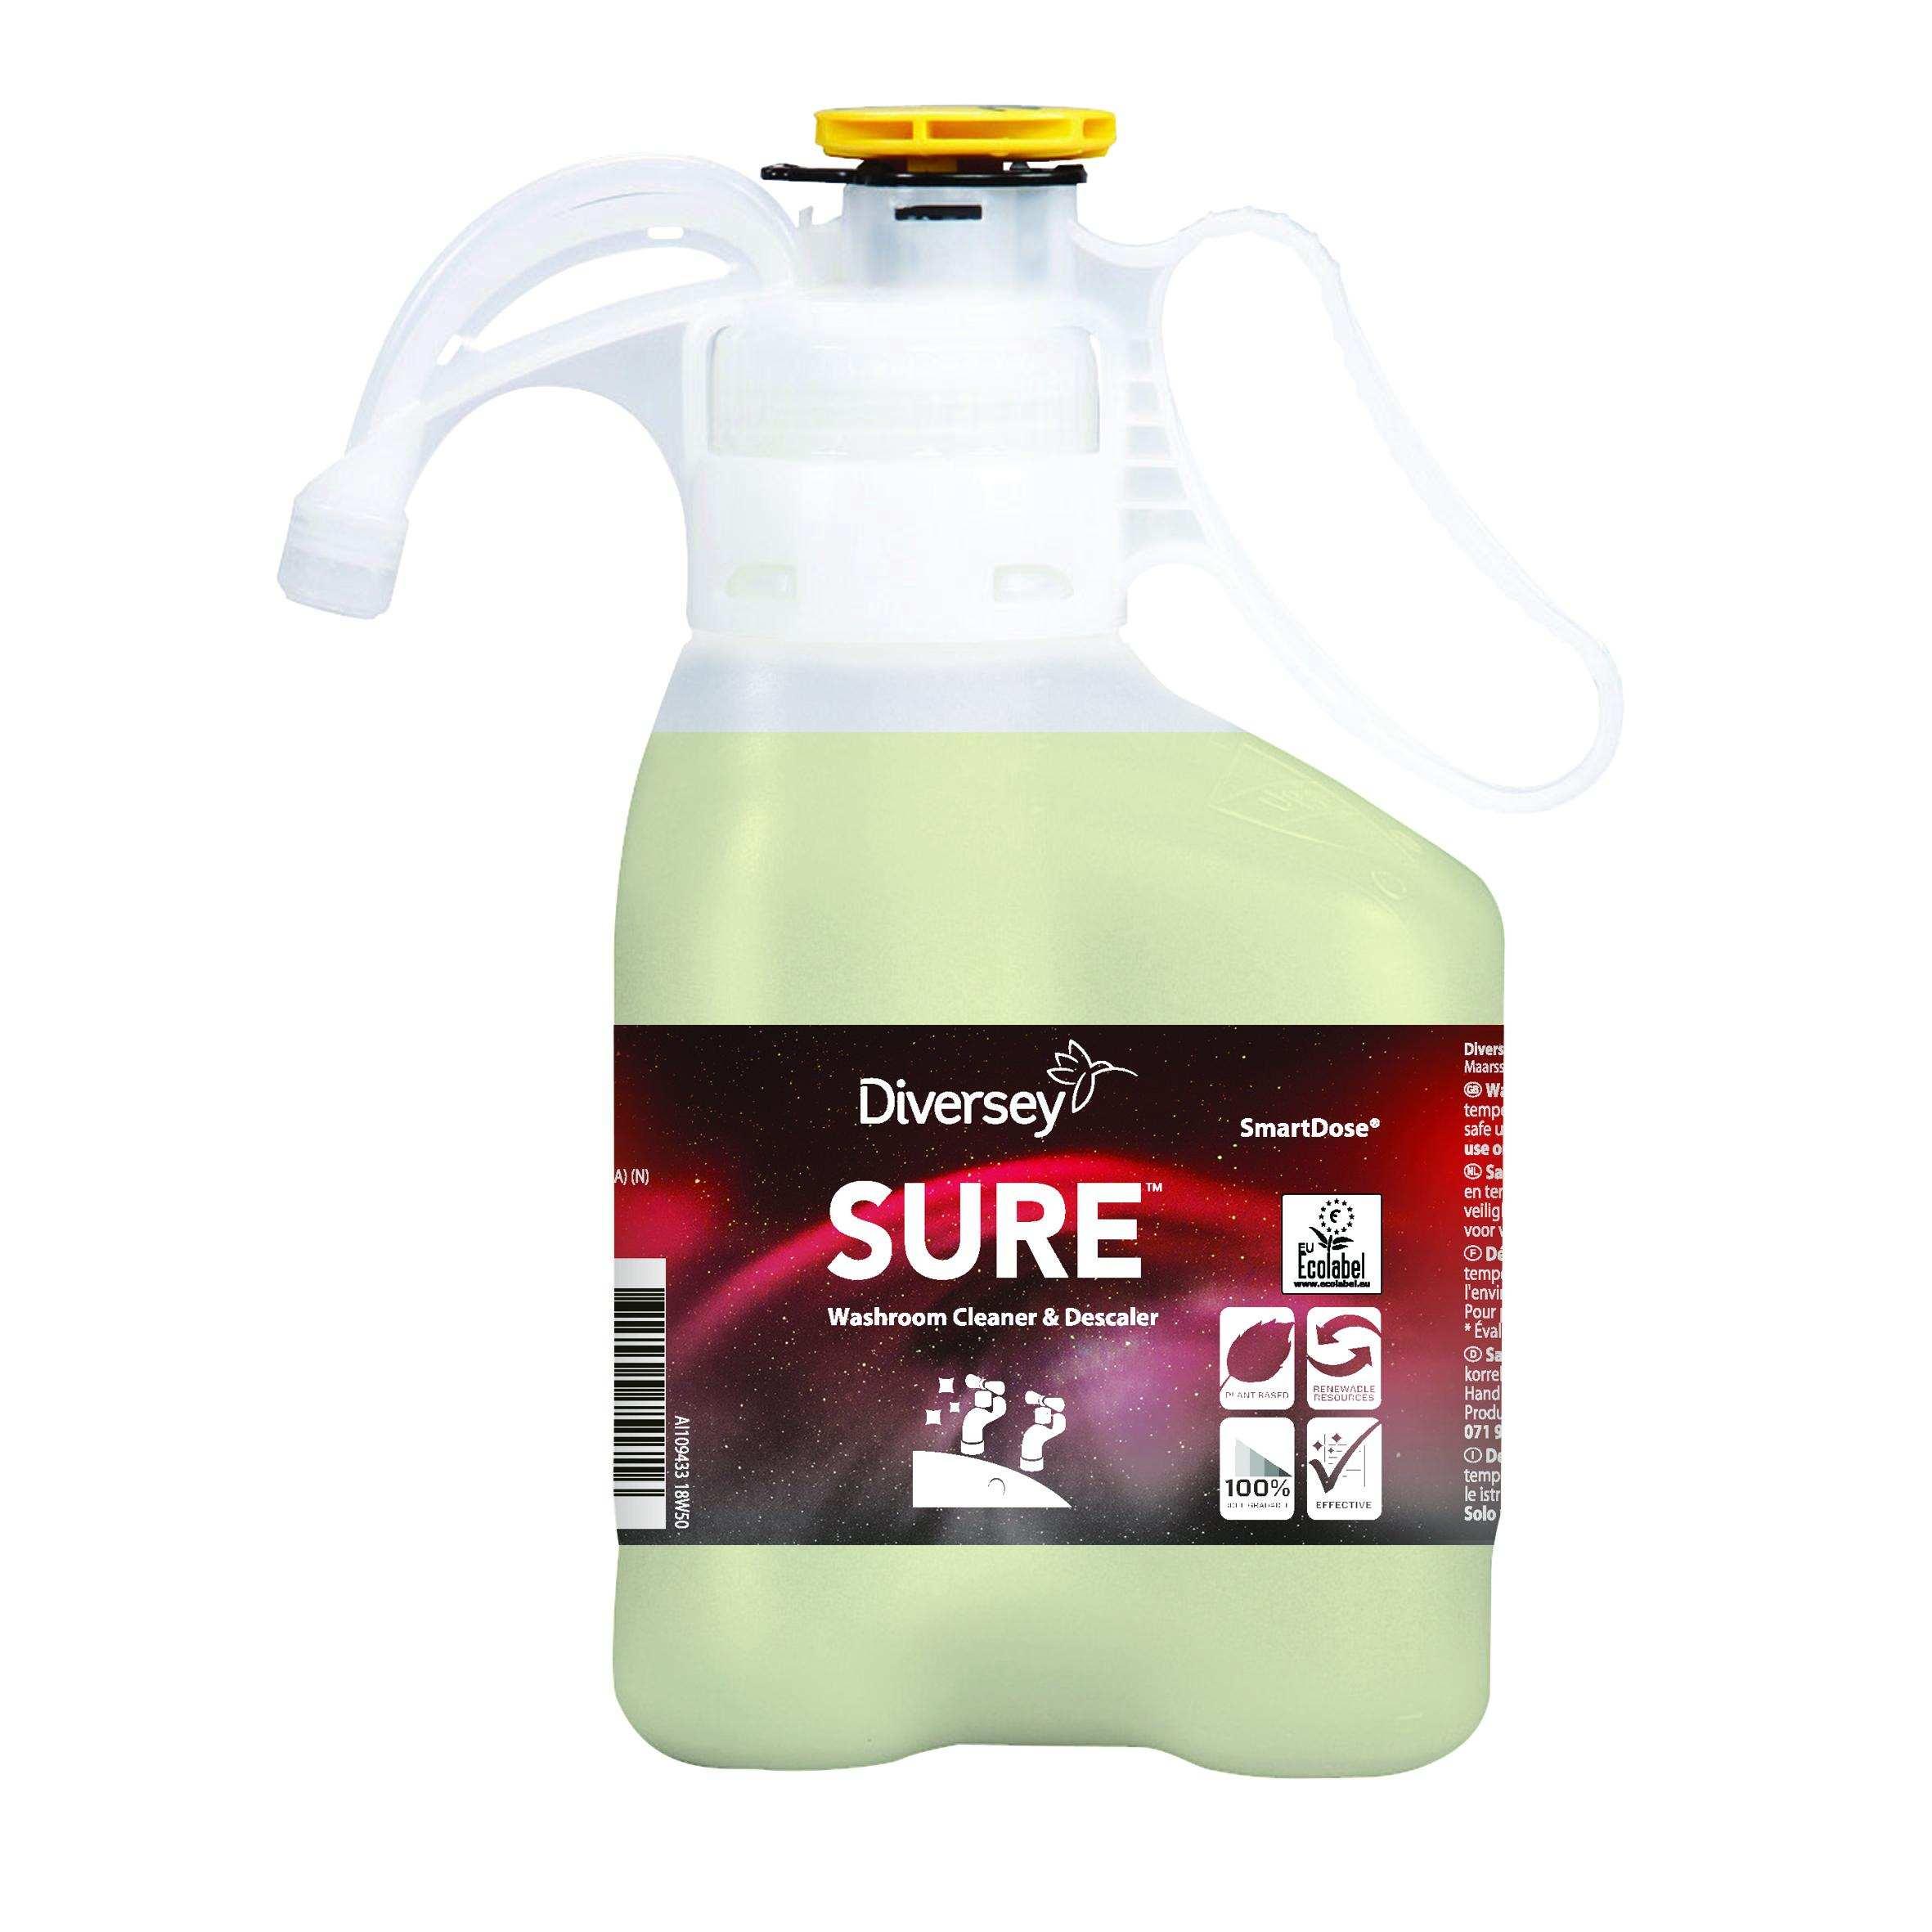 100920825-SURE-Washroom-Cleaner---Descaler-SmartDose-CMYK-20x20cm.jpg